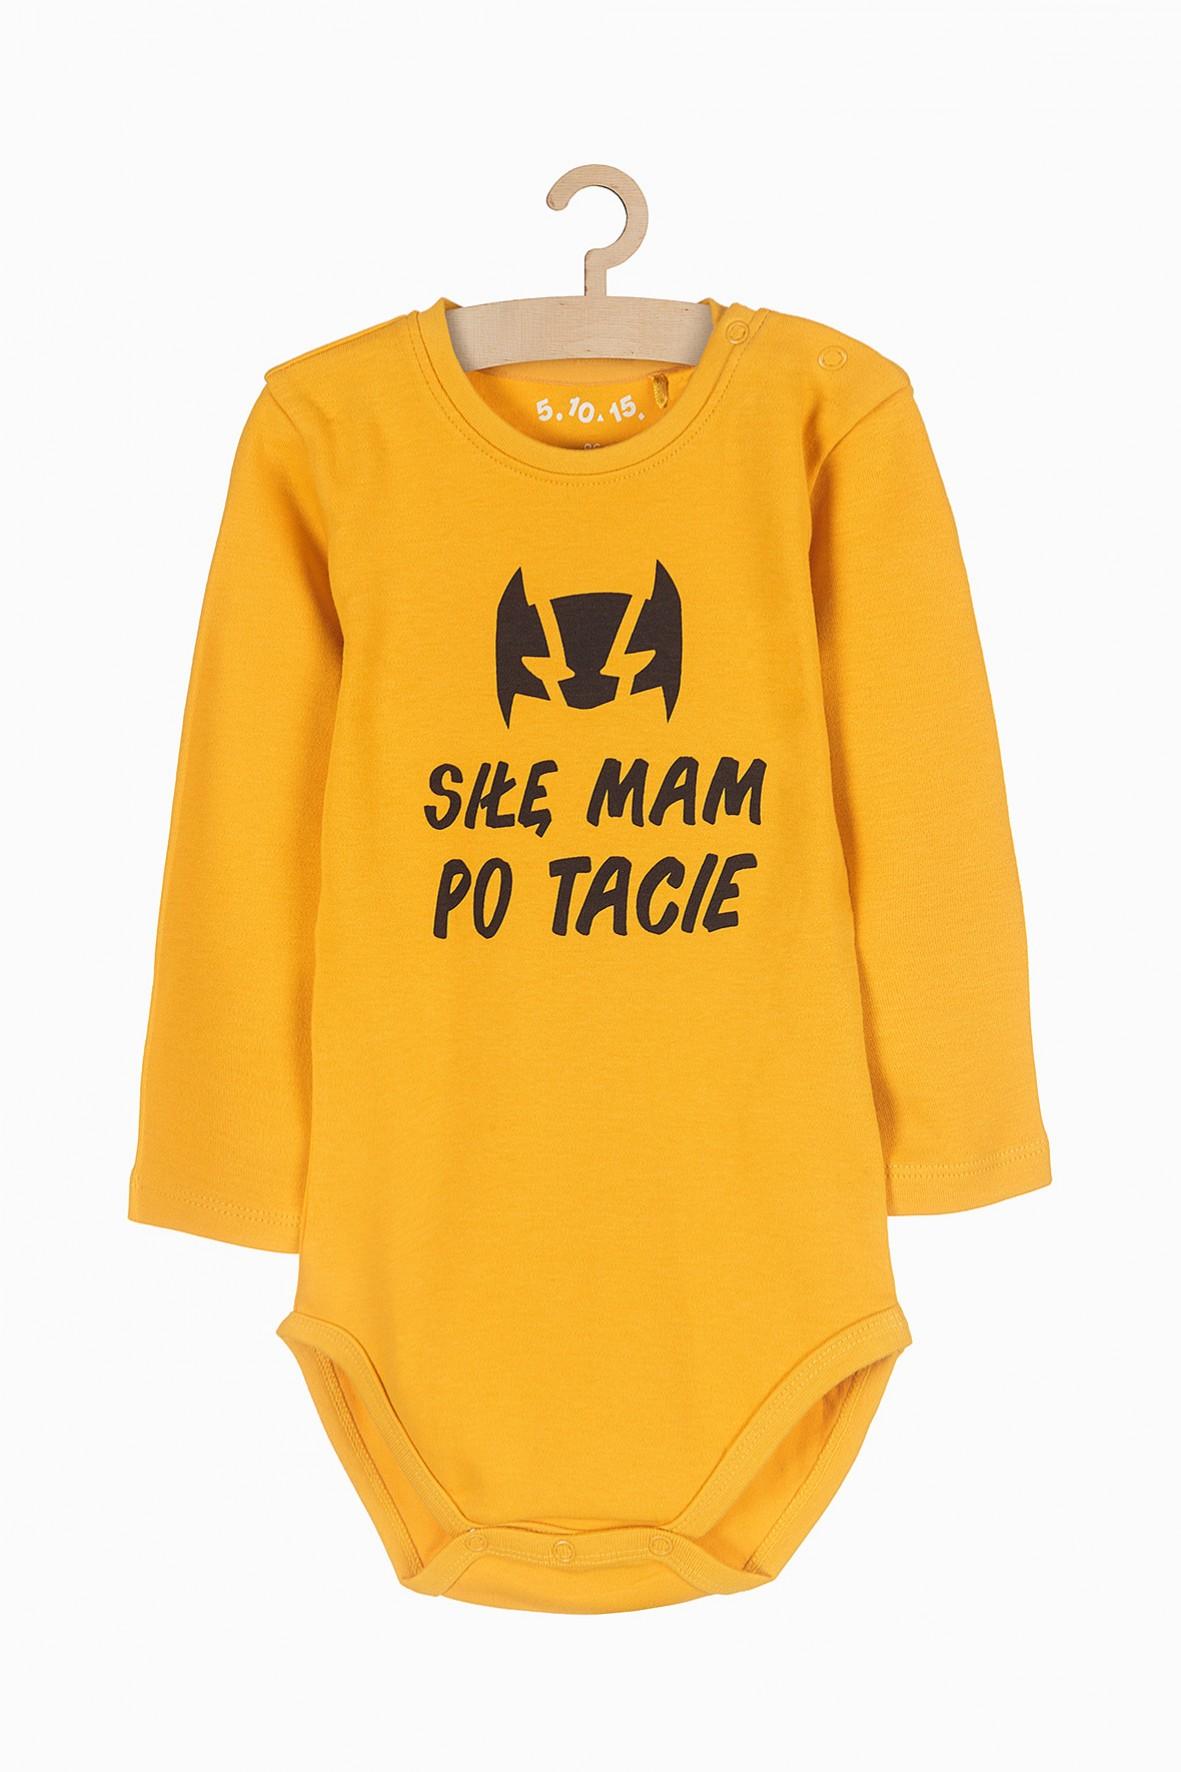 Body niemowlęce nawełniane - Siłę mam po tacie